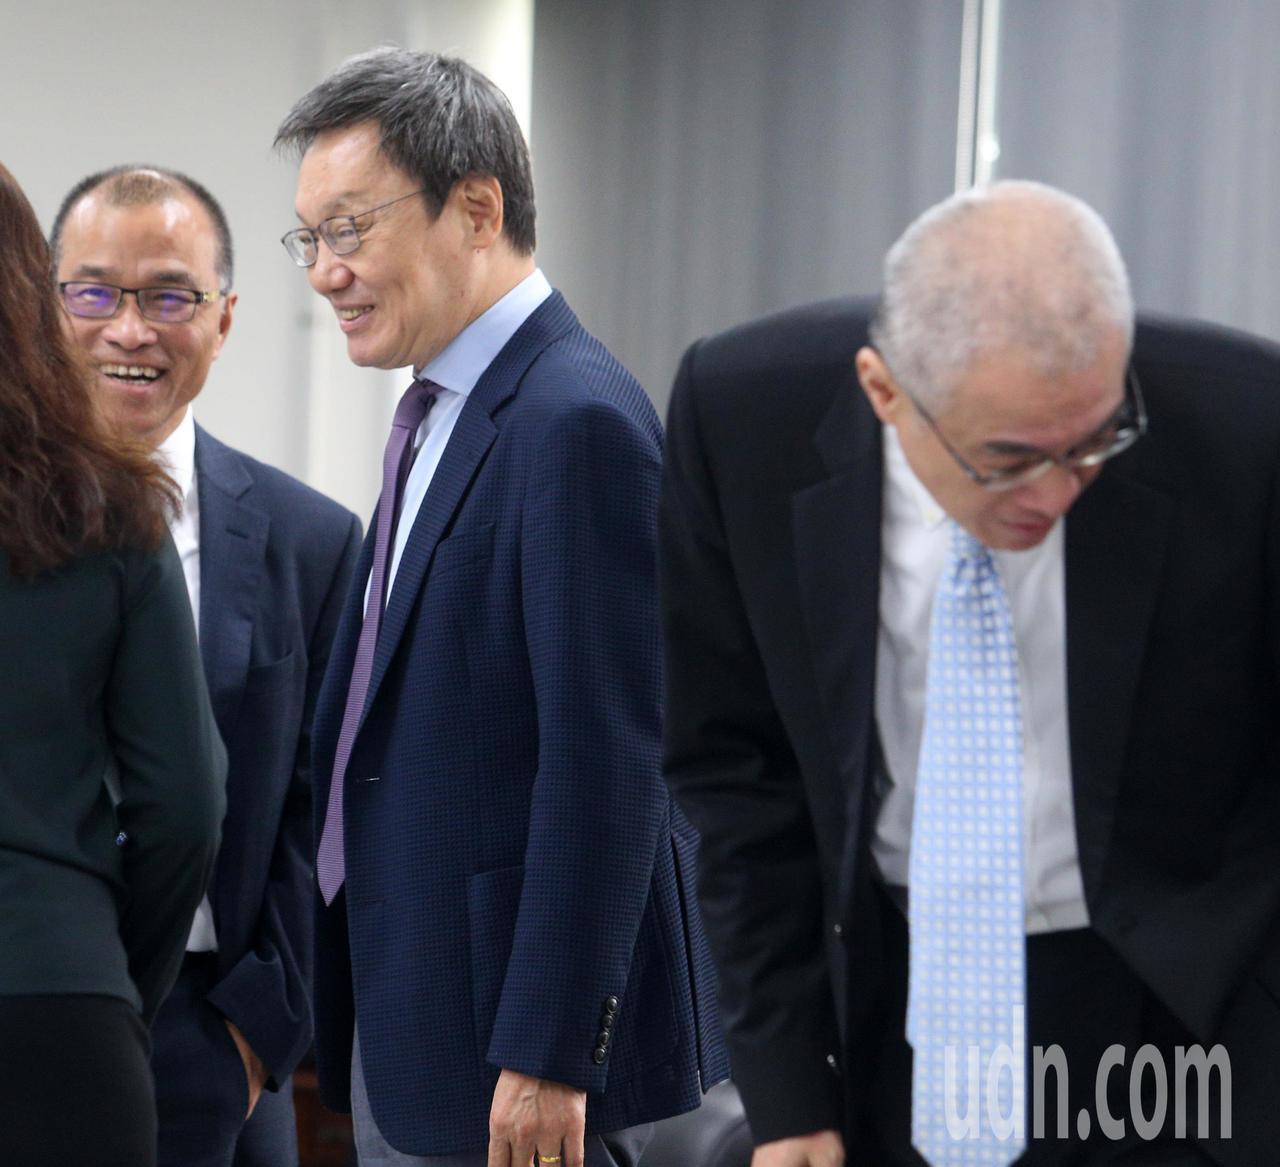 韓國瑜國政顧問團成員蘇起(左二)陪同出席。記者劉學聖/攝影